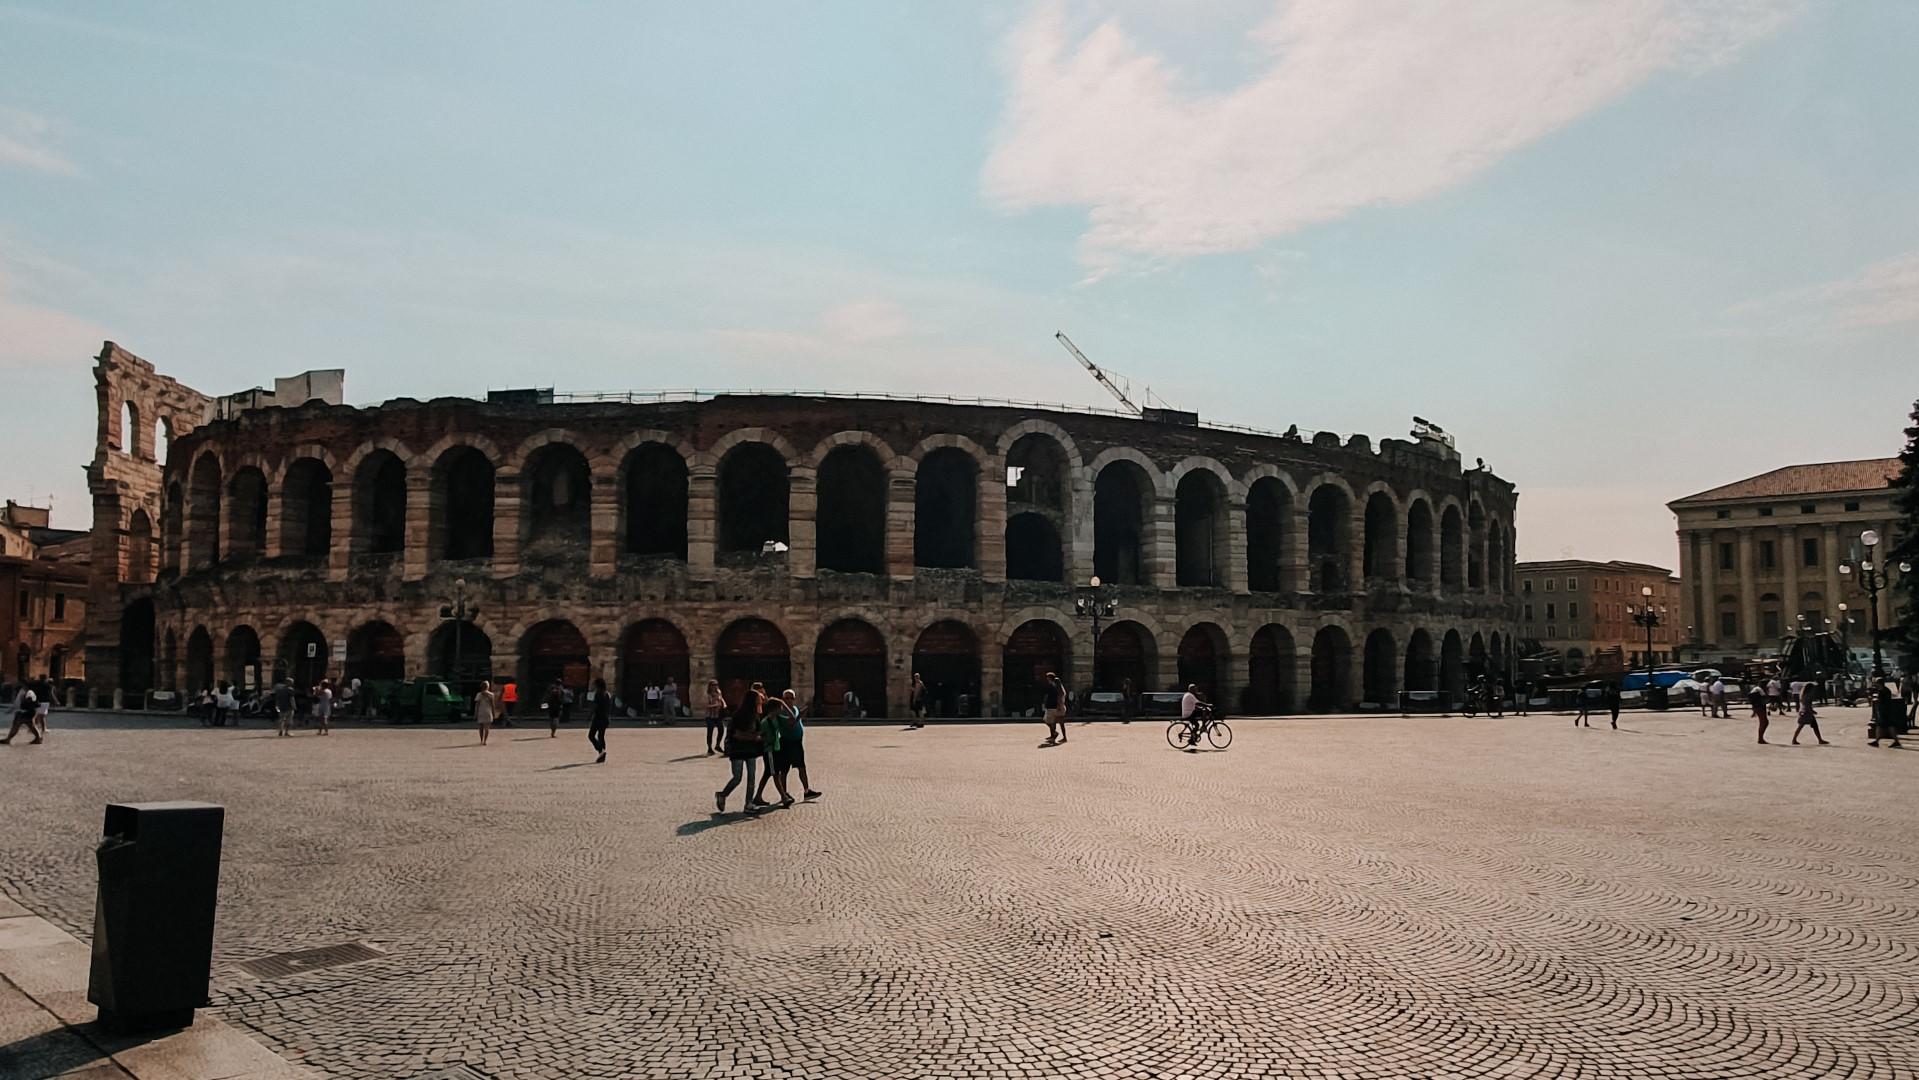 Arena w Weronie i ludzie na placu.